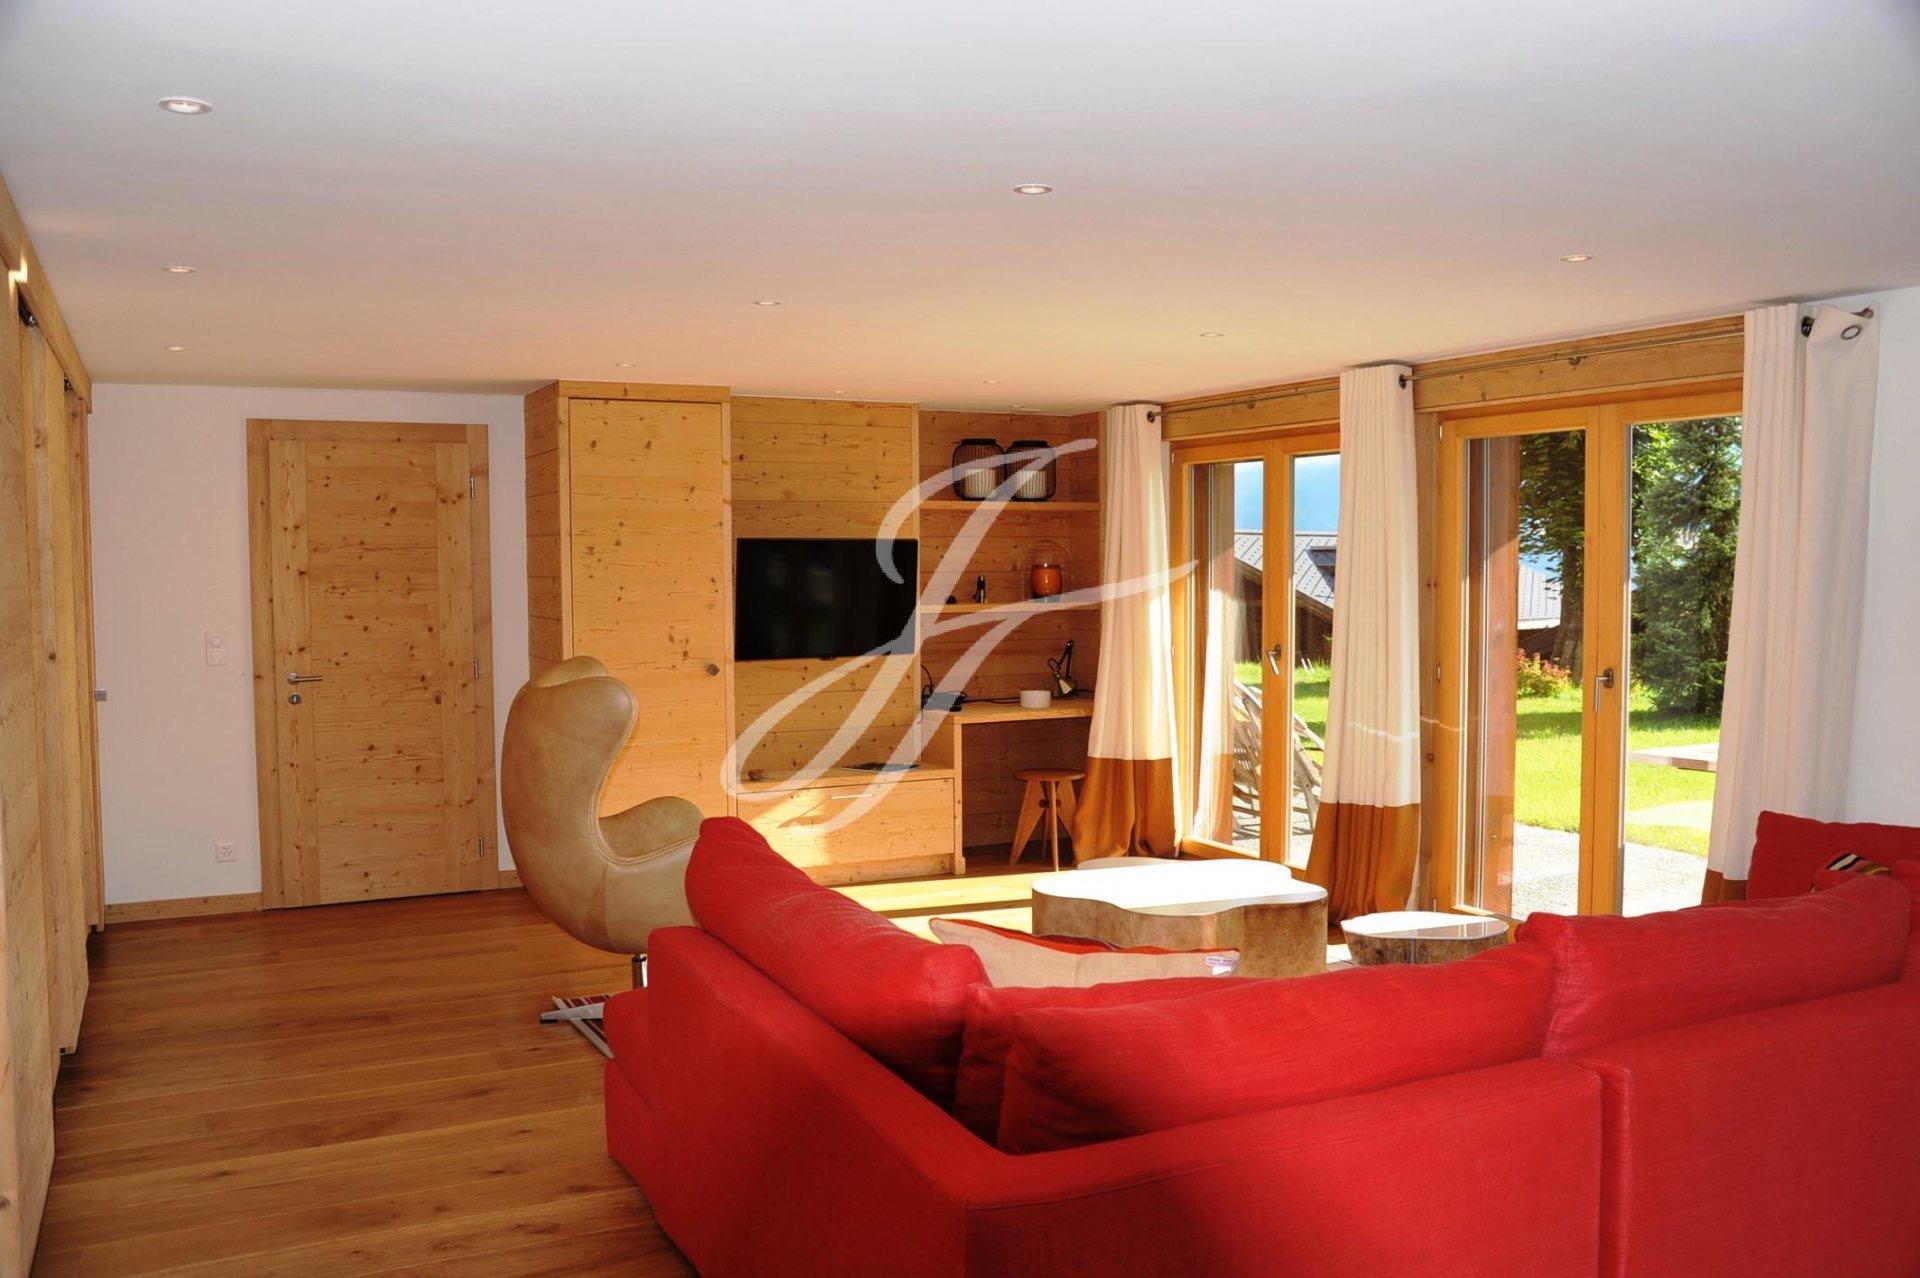 Апартаменты с тремя спальнями в Швейцарии, горнолыжный курорт Вербье